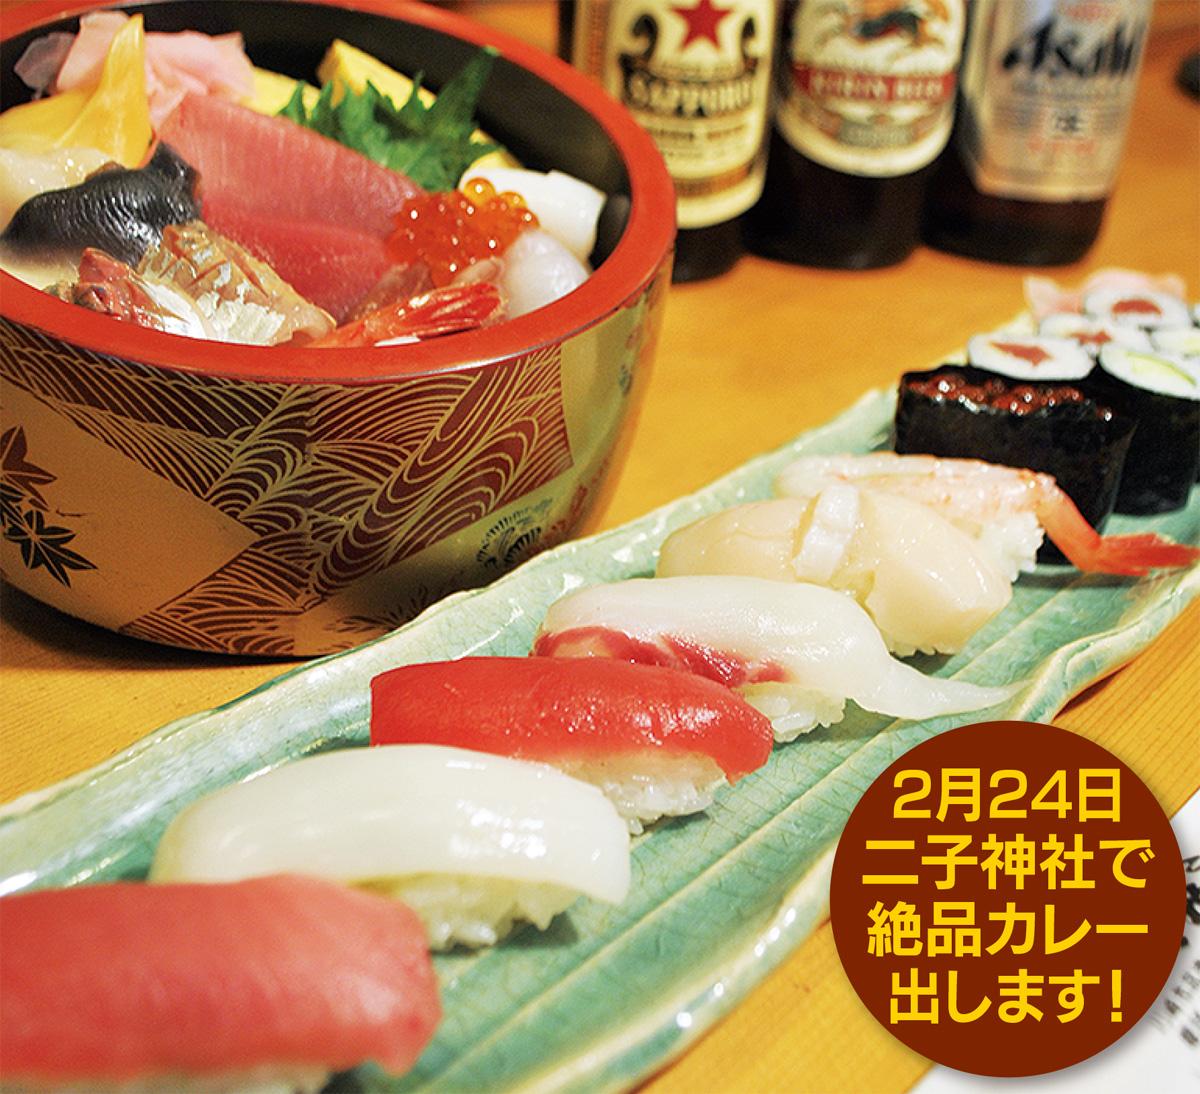 上寿司が1000円に